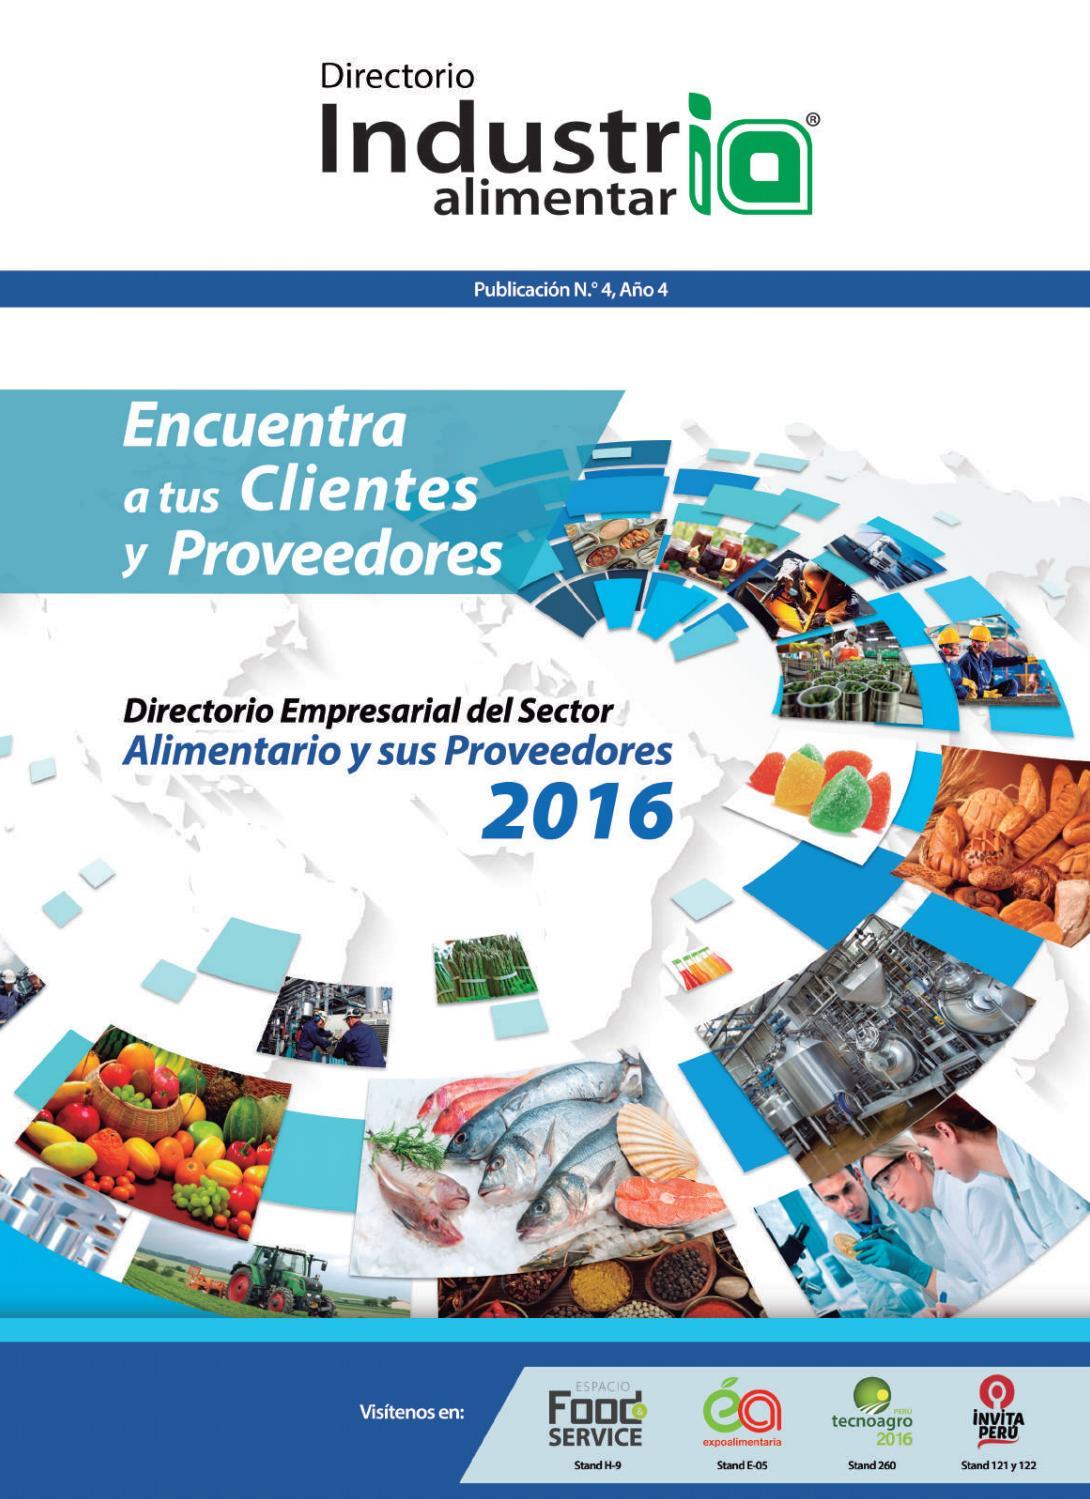 Directorio Empresarial Industria Alimentaria 2016 By